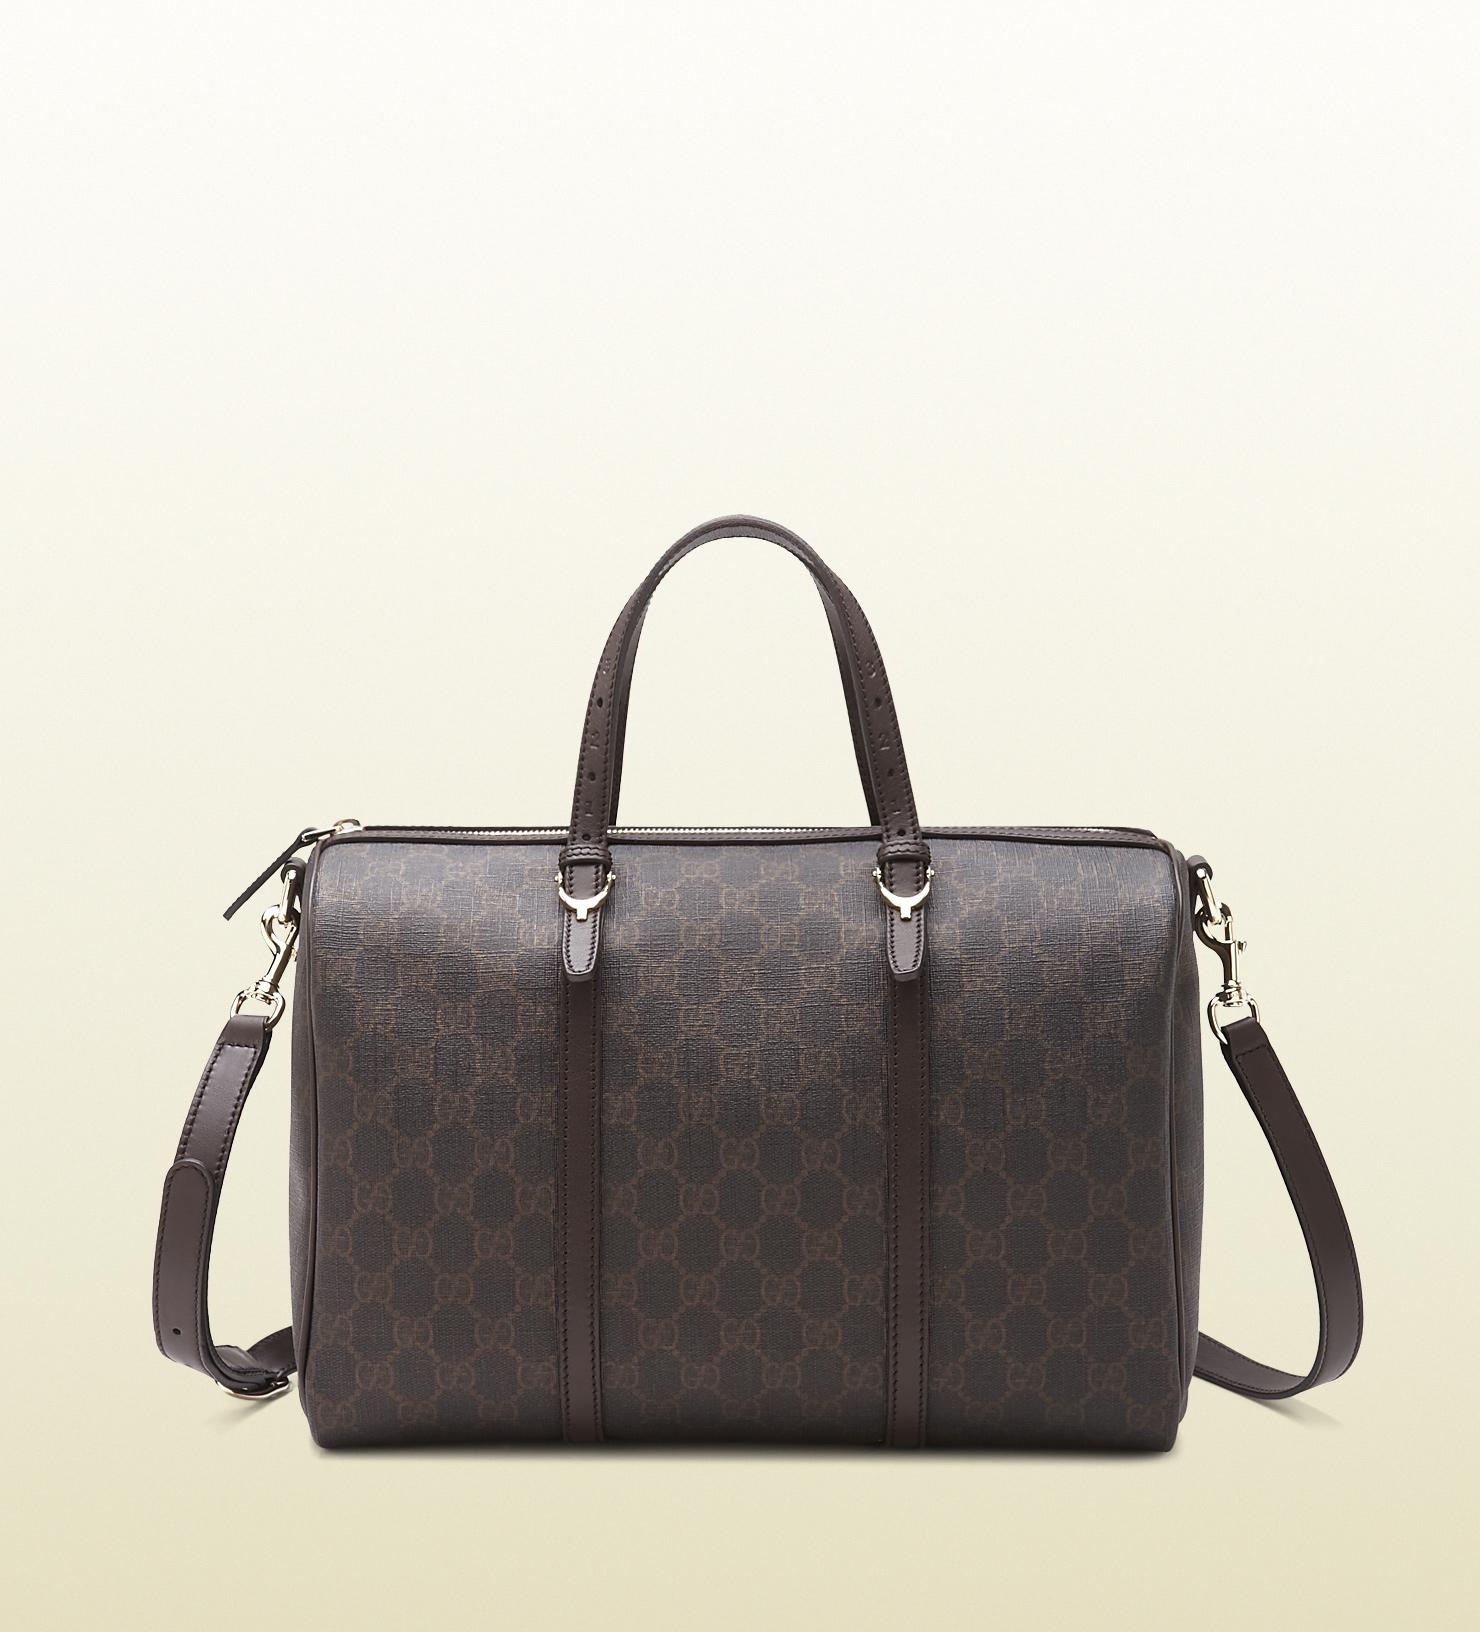 Lyst - Gucci Nice Gg Supreme Canvas Boston Bag in Gray 2acfd1e66e860